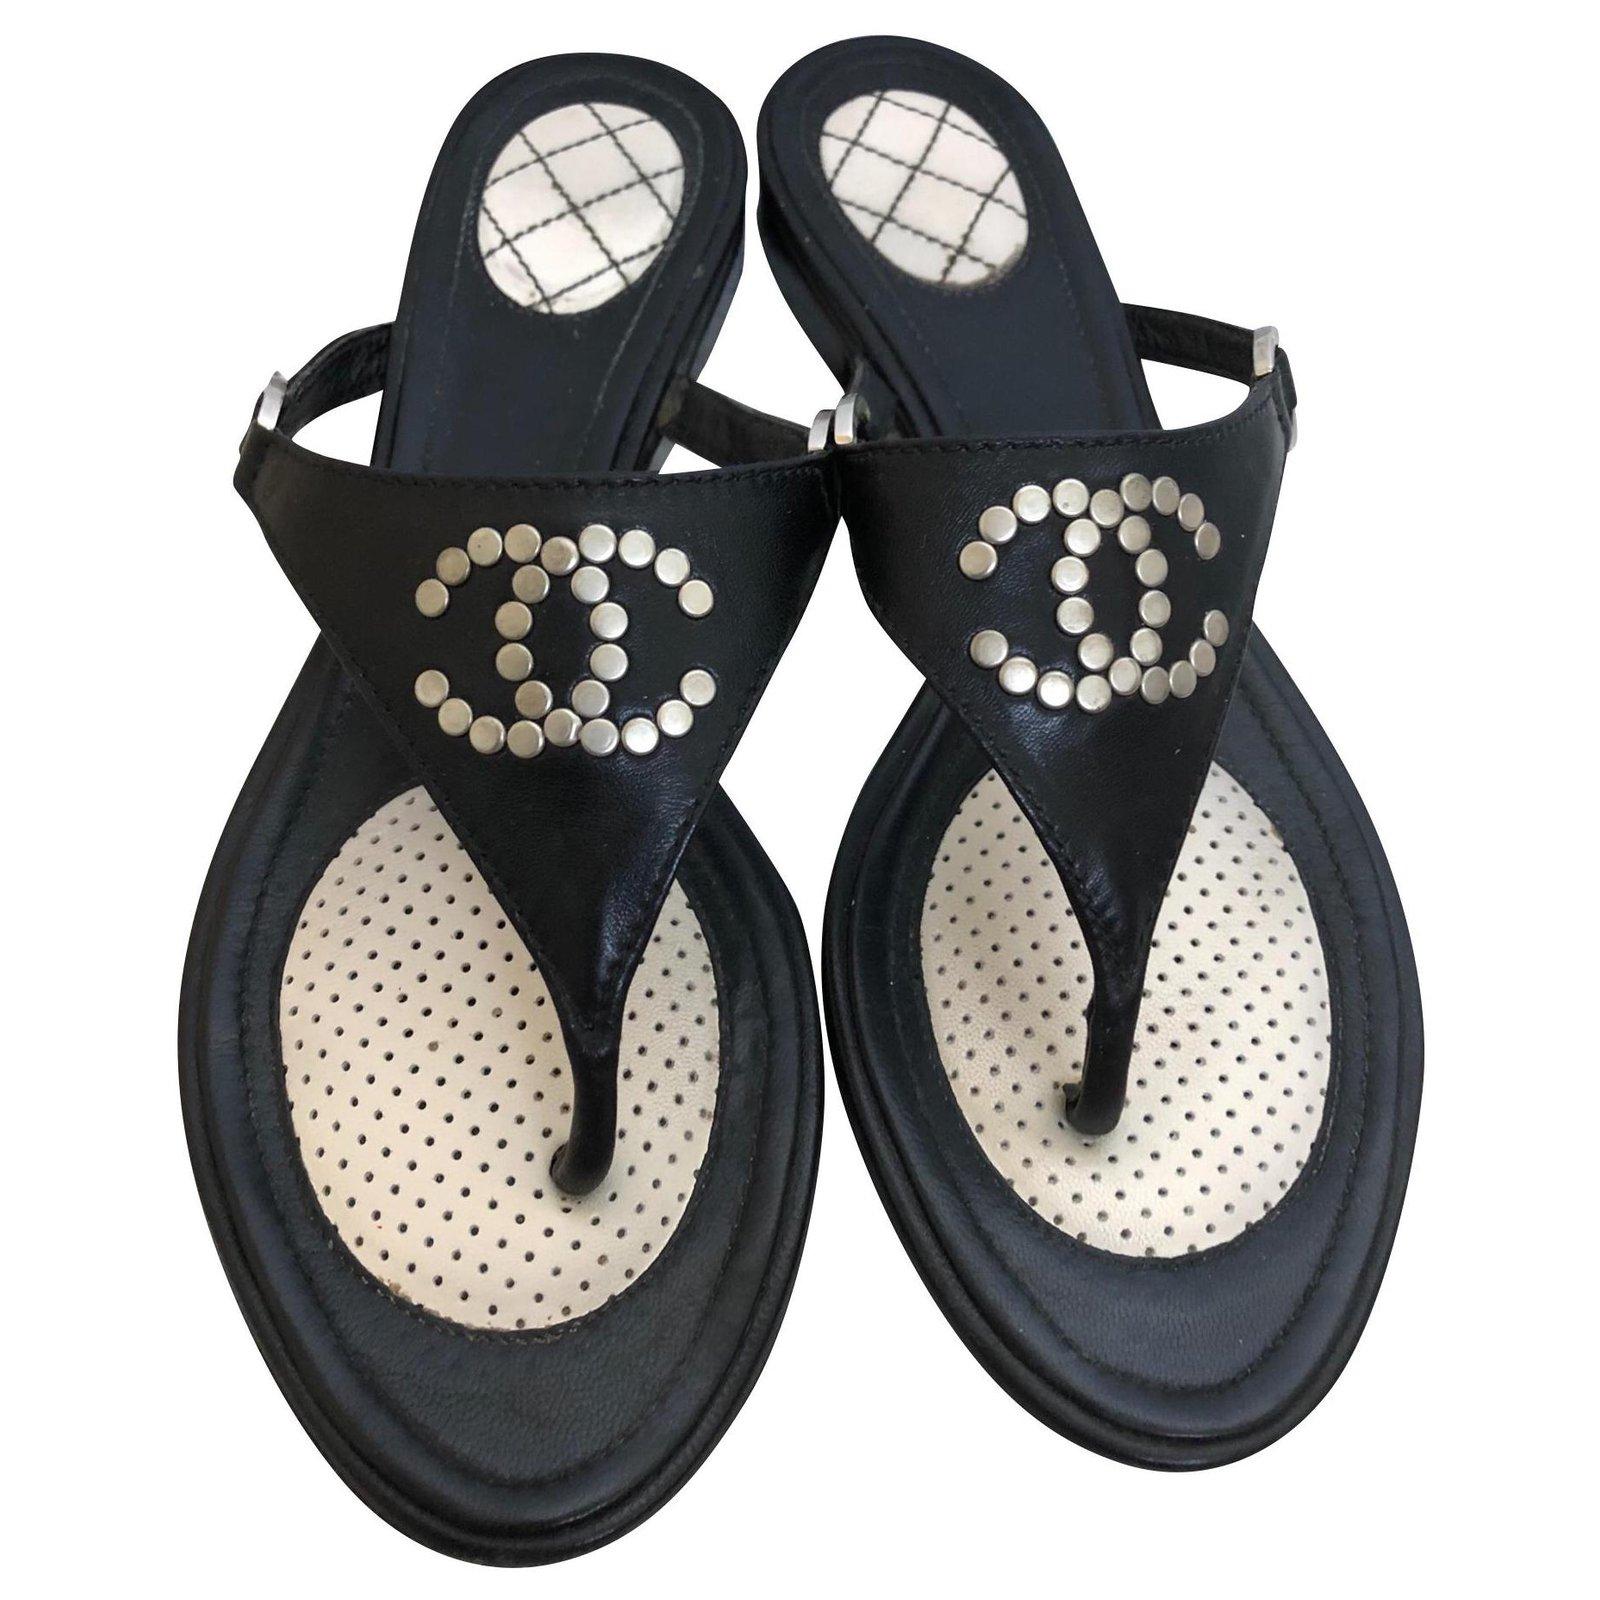 Chanel Flip flops Sandals Leather Black